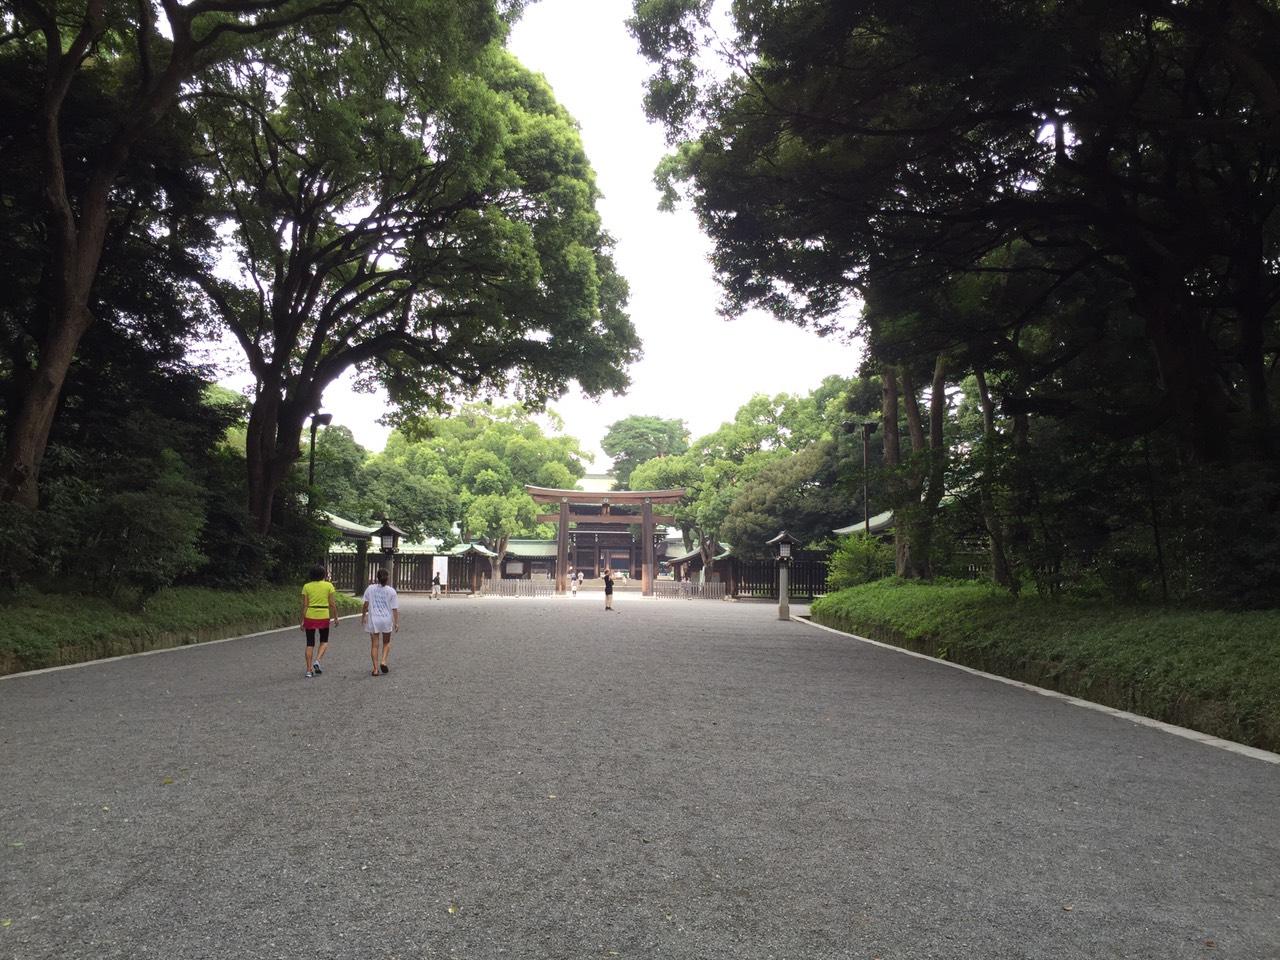 滅びゆく人類に残された希望は日本古来の自然信仰